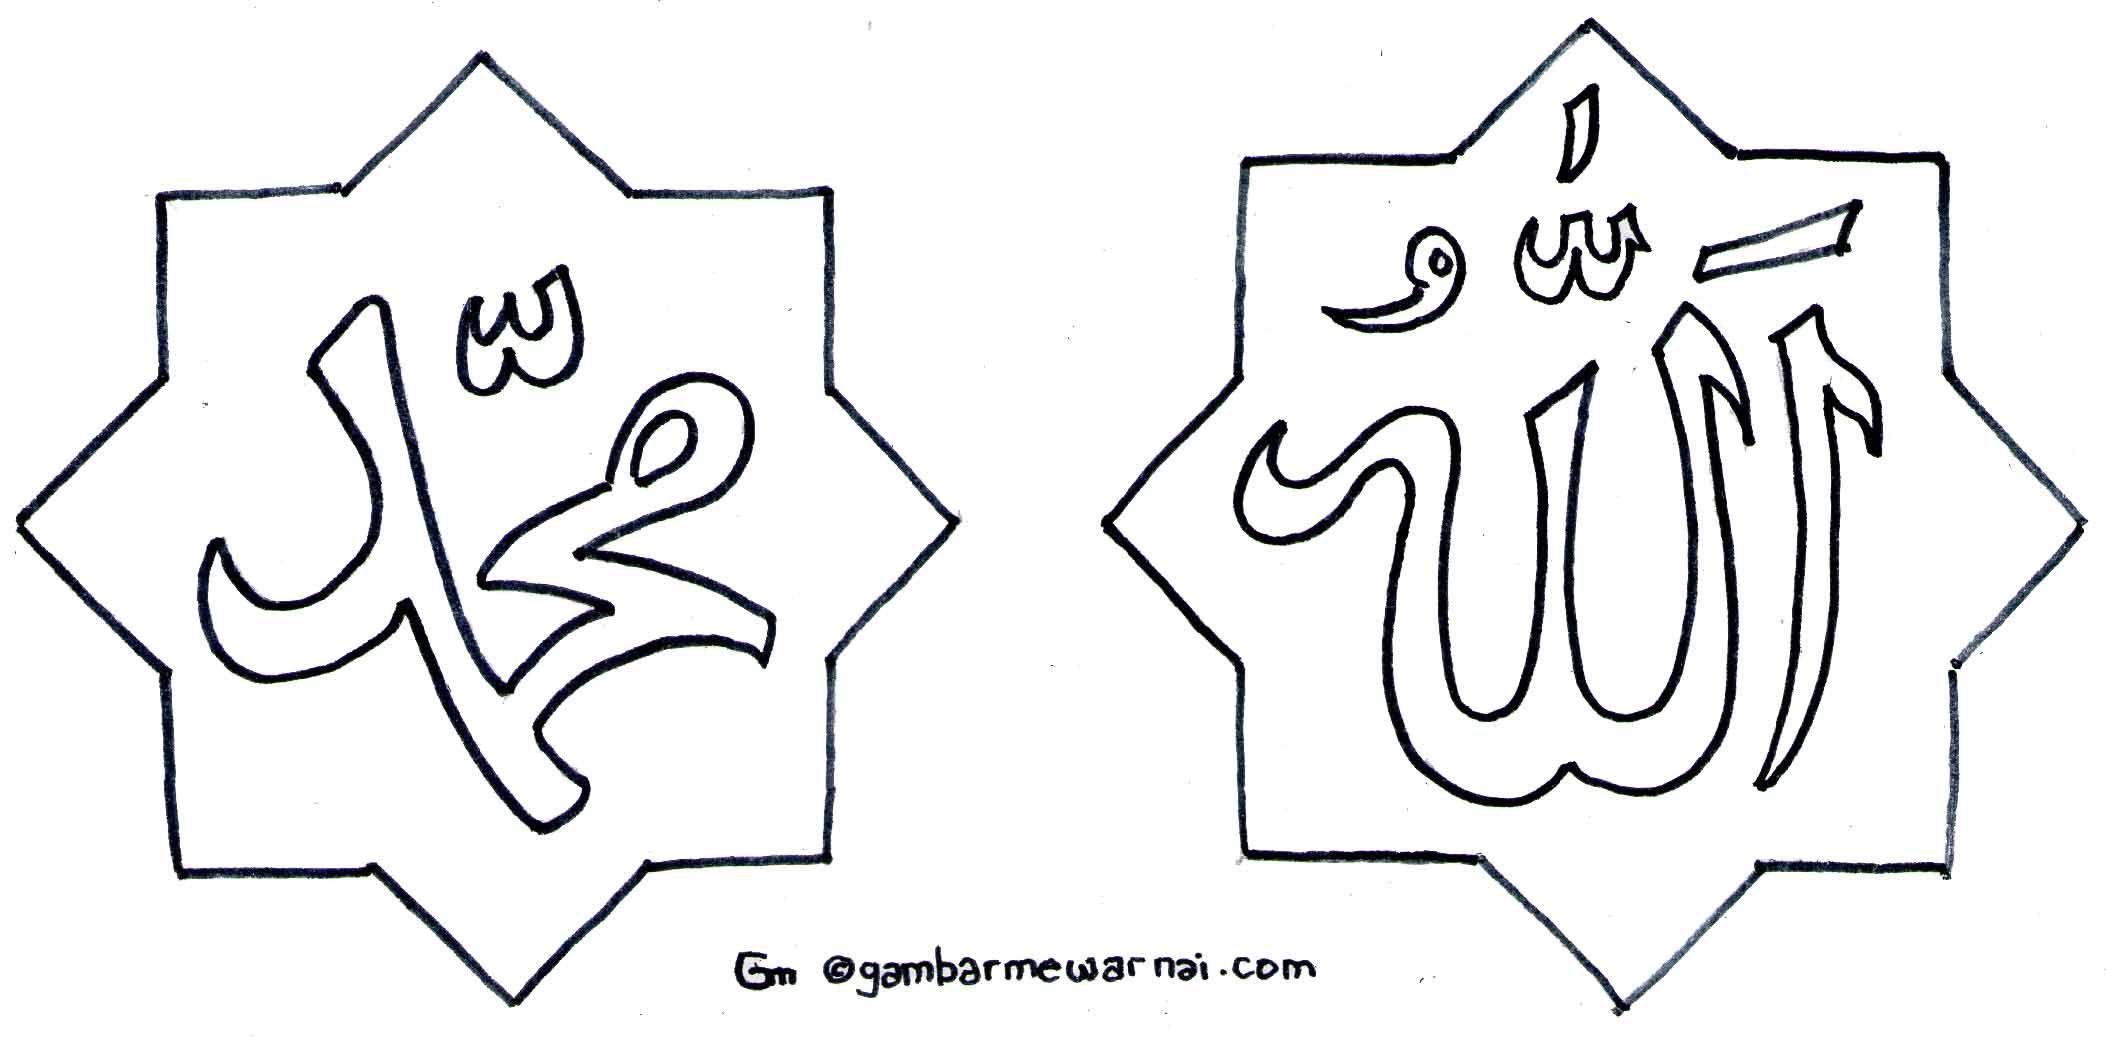 Gambar Mewarnai Kaligrafi (Dengan gambar) Kaligrafi, Warna